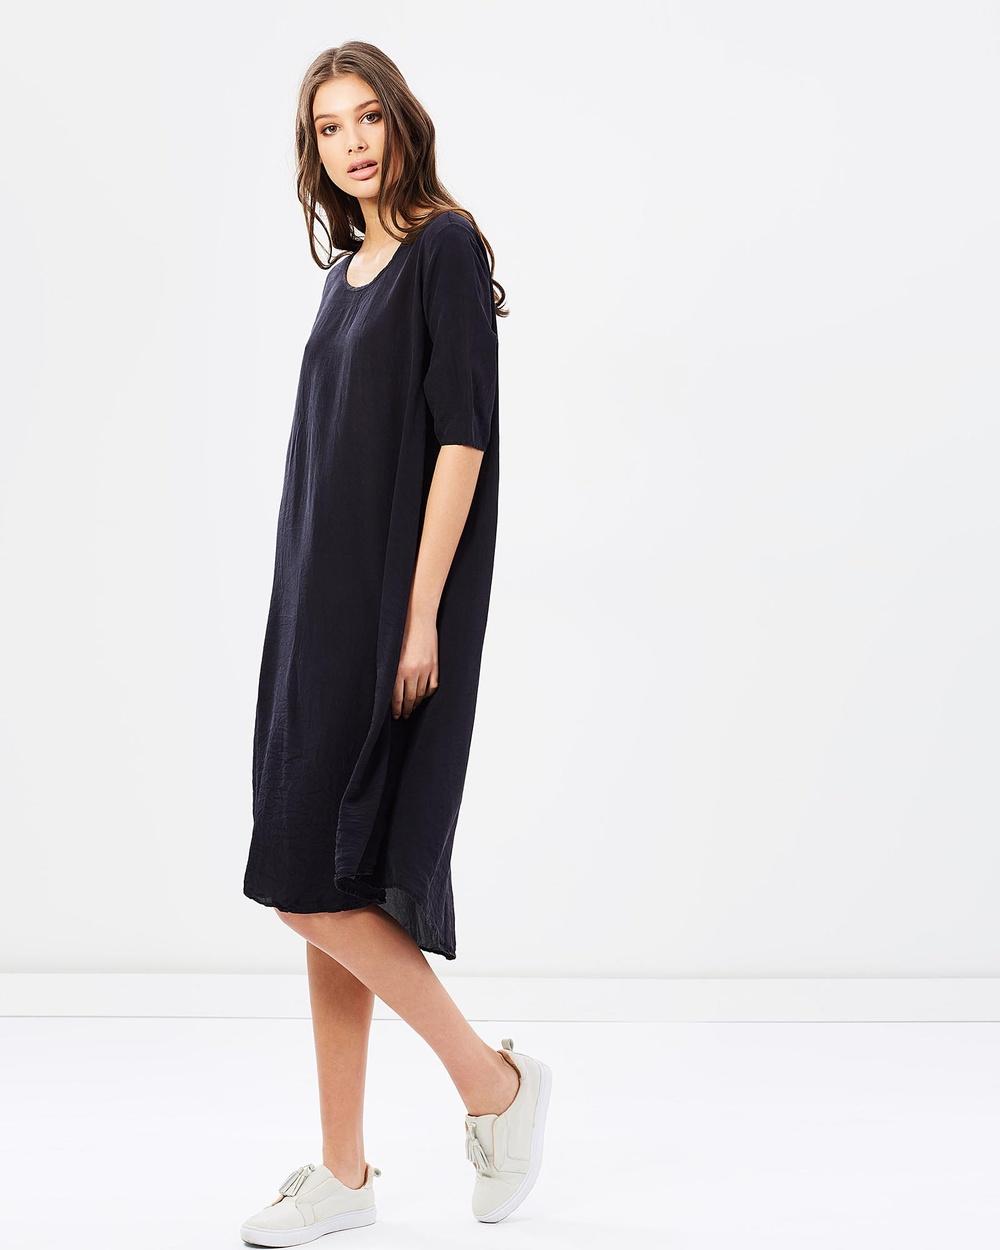 Primness Gigi Dress Dresses Black Gigi Dress